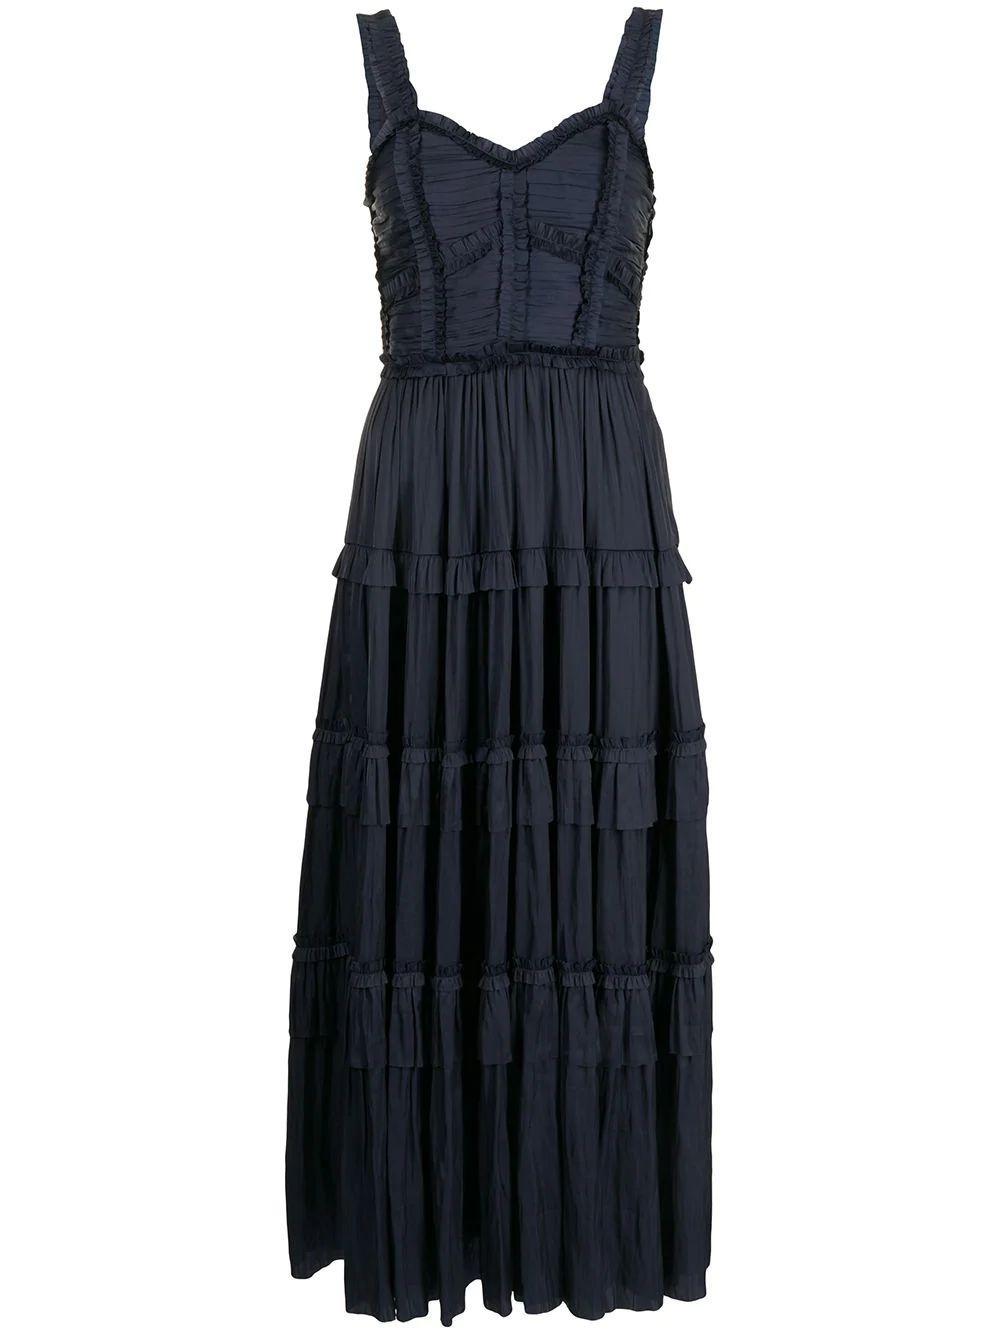 Gwynne Tiered Maxi Dress Item # PS210121